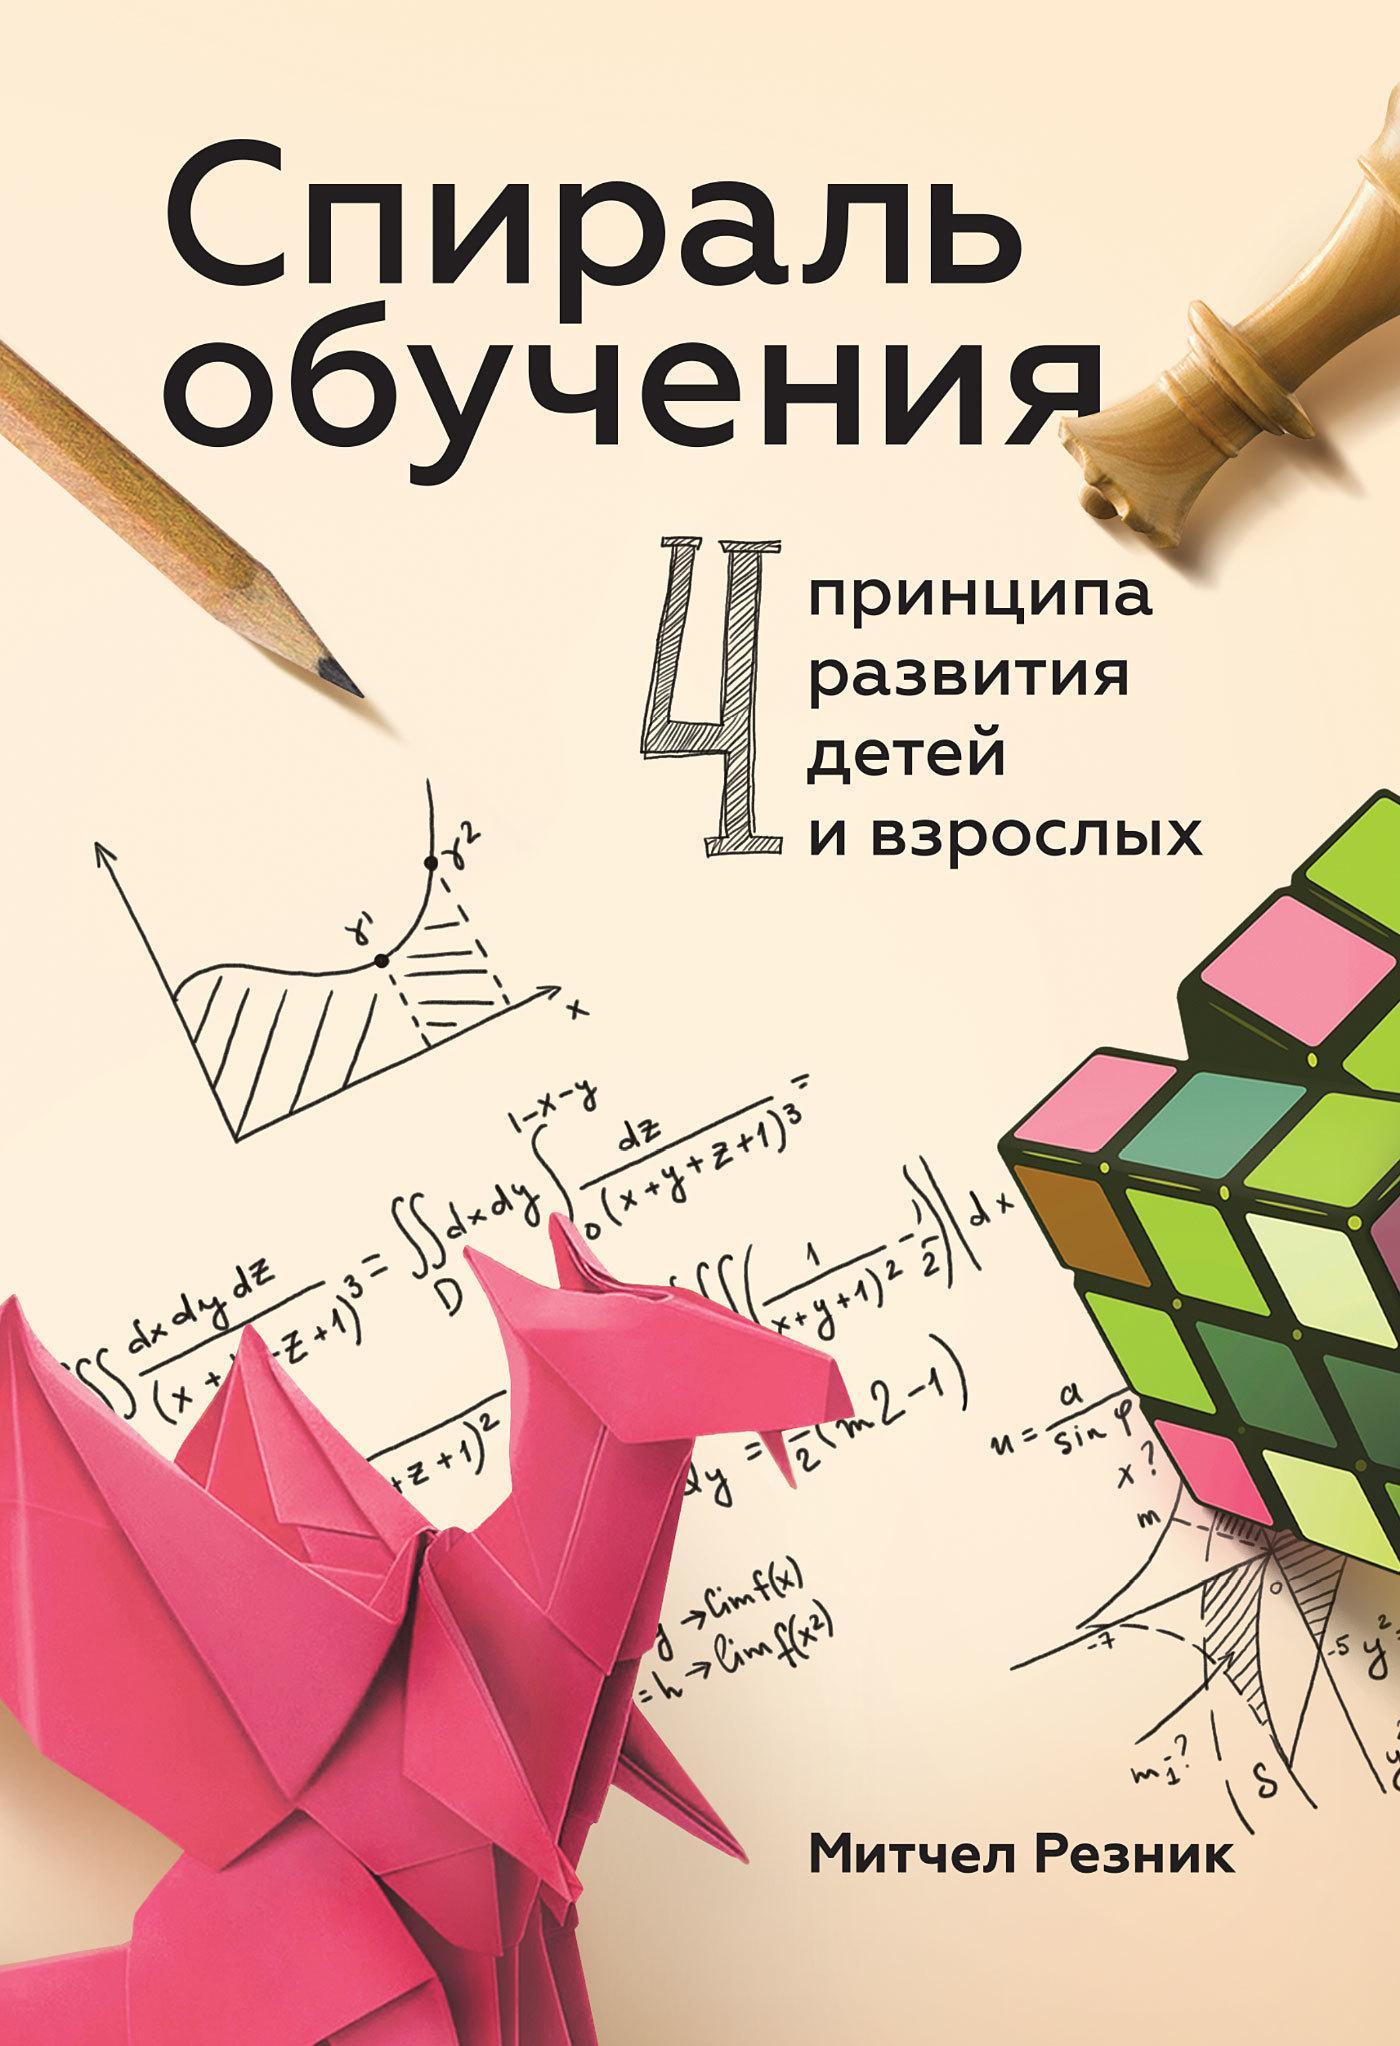 Митчел Резник - Спираль обучения. 4принципа развития детей и взрослых